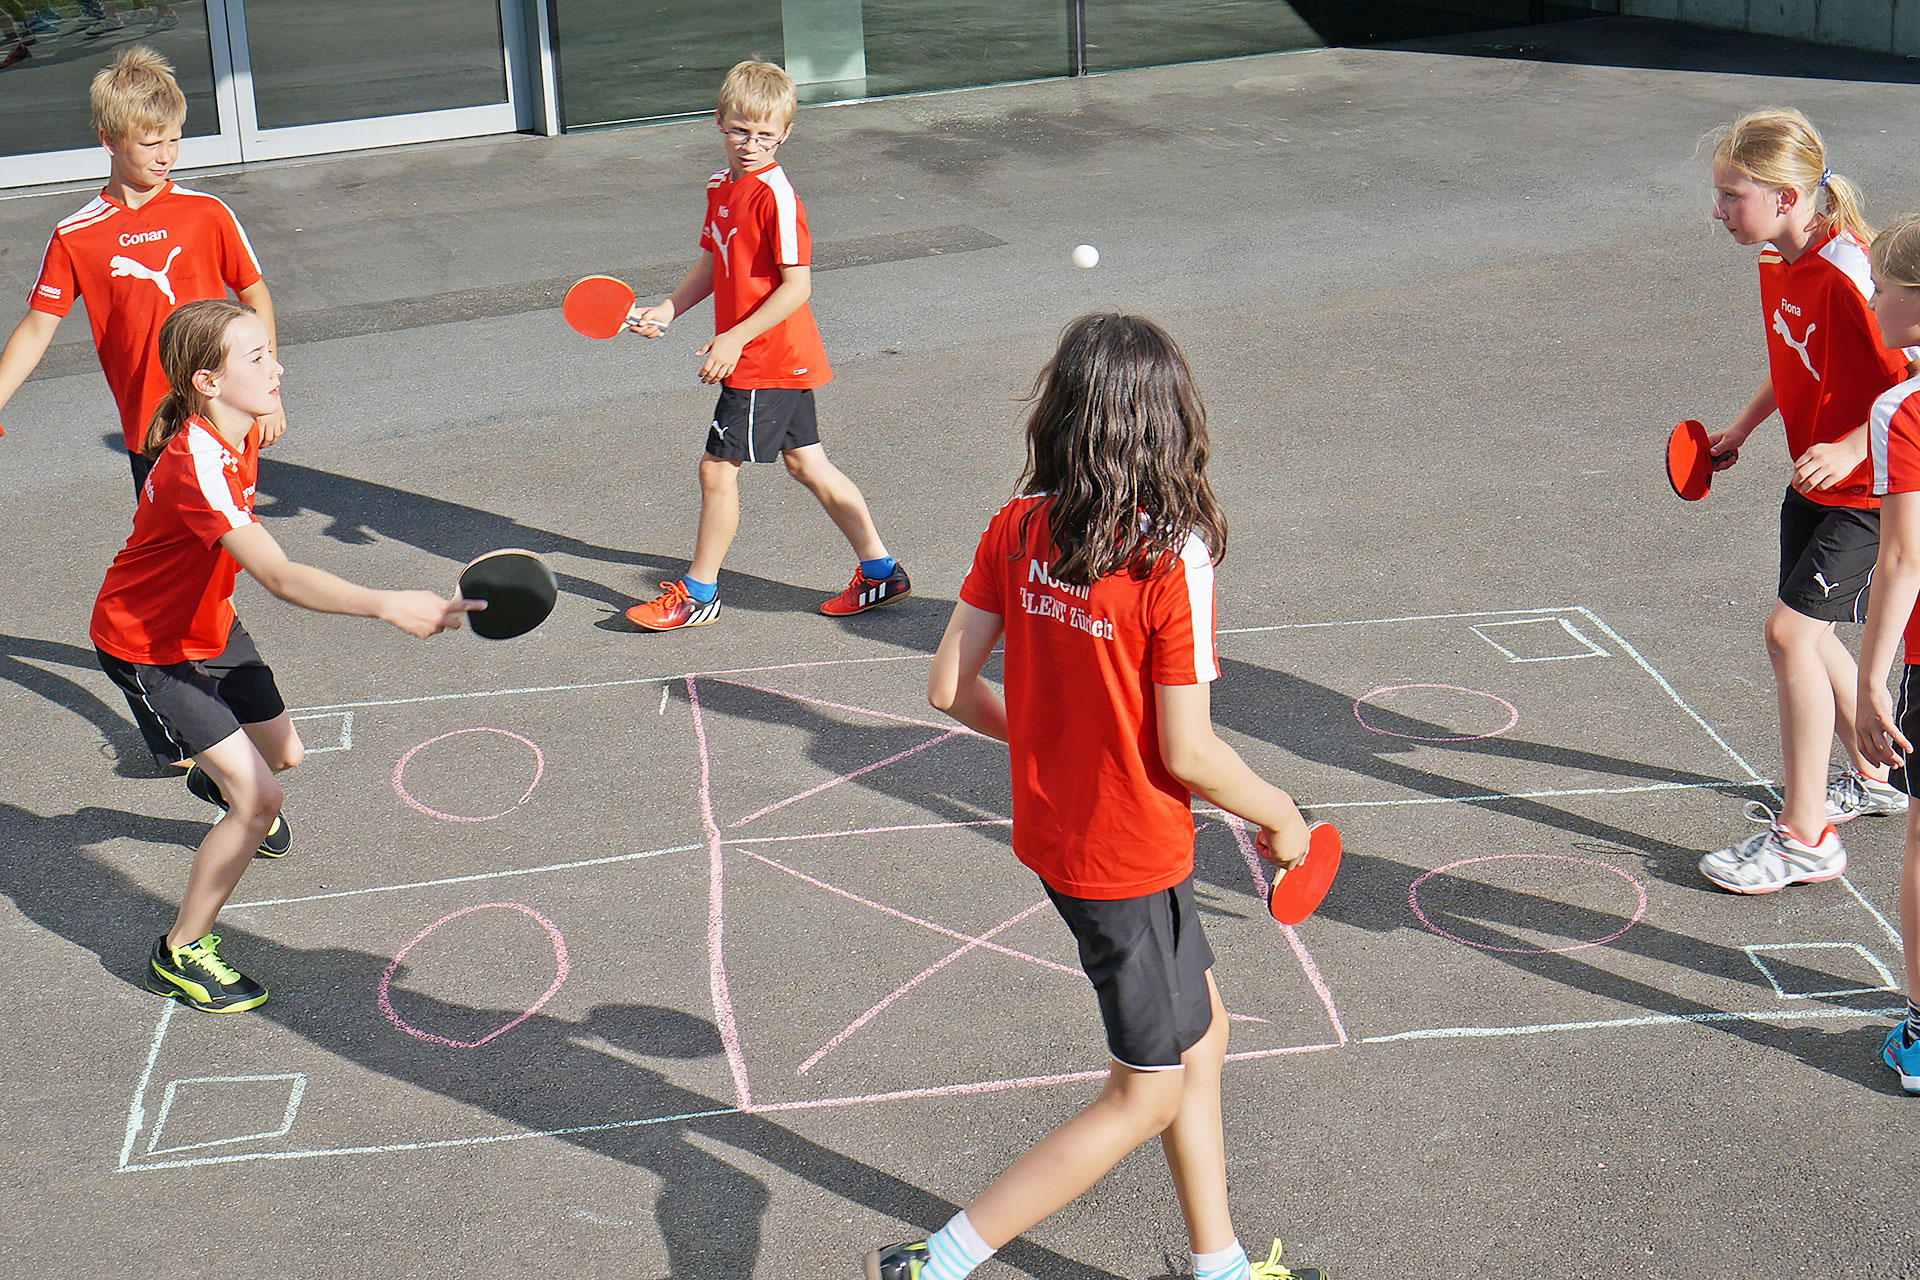 sechs Schülerinnen und Schüler spielen eine Variante von Street Racket mit Tischtennis-Schlägern und - Ball